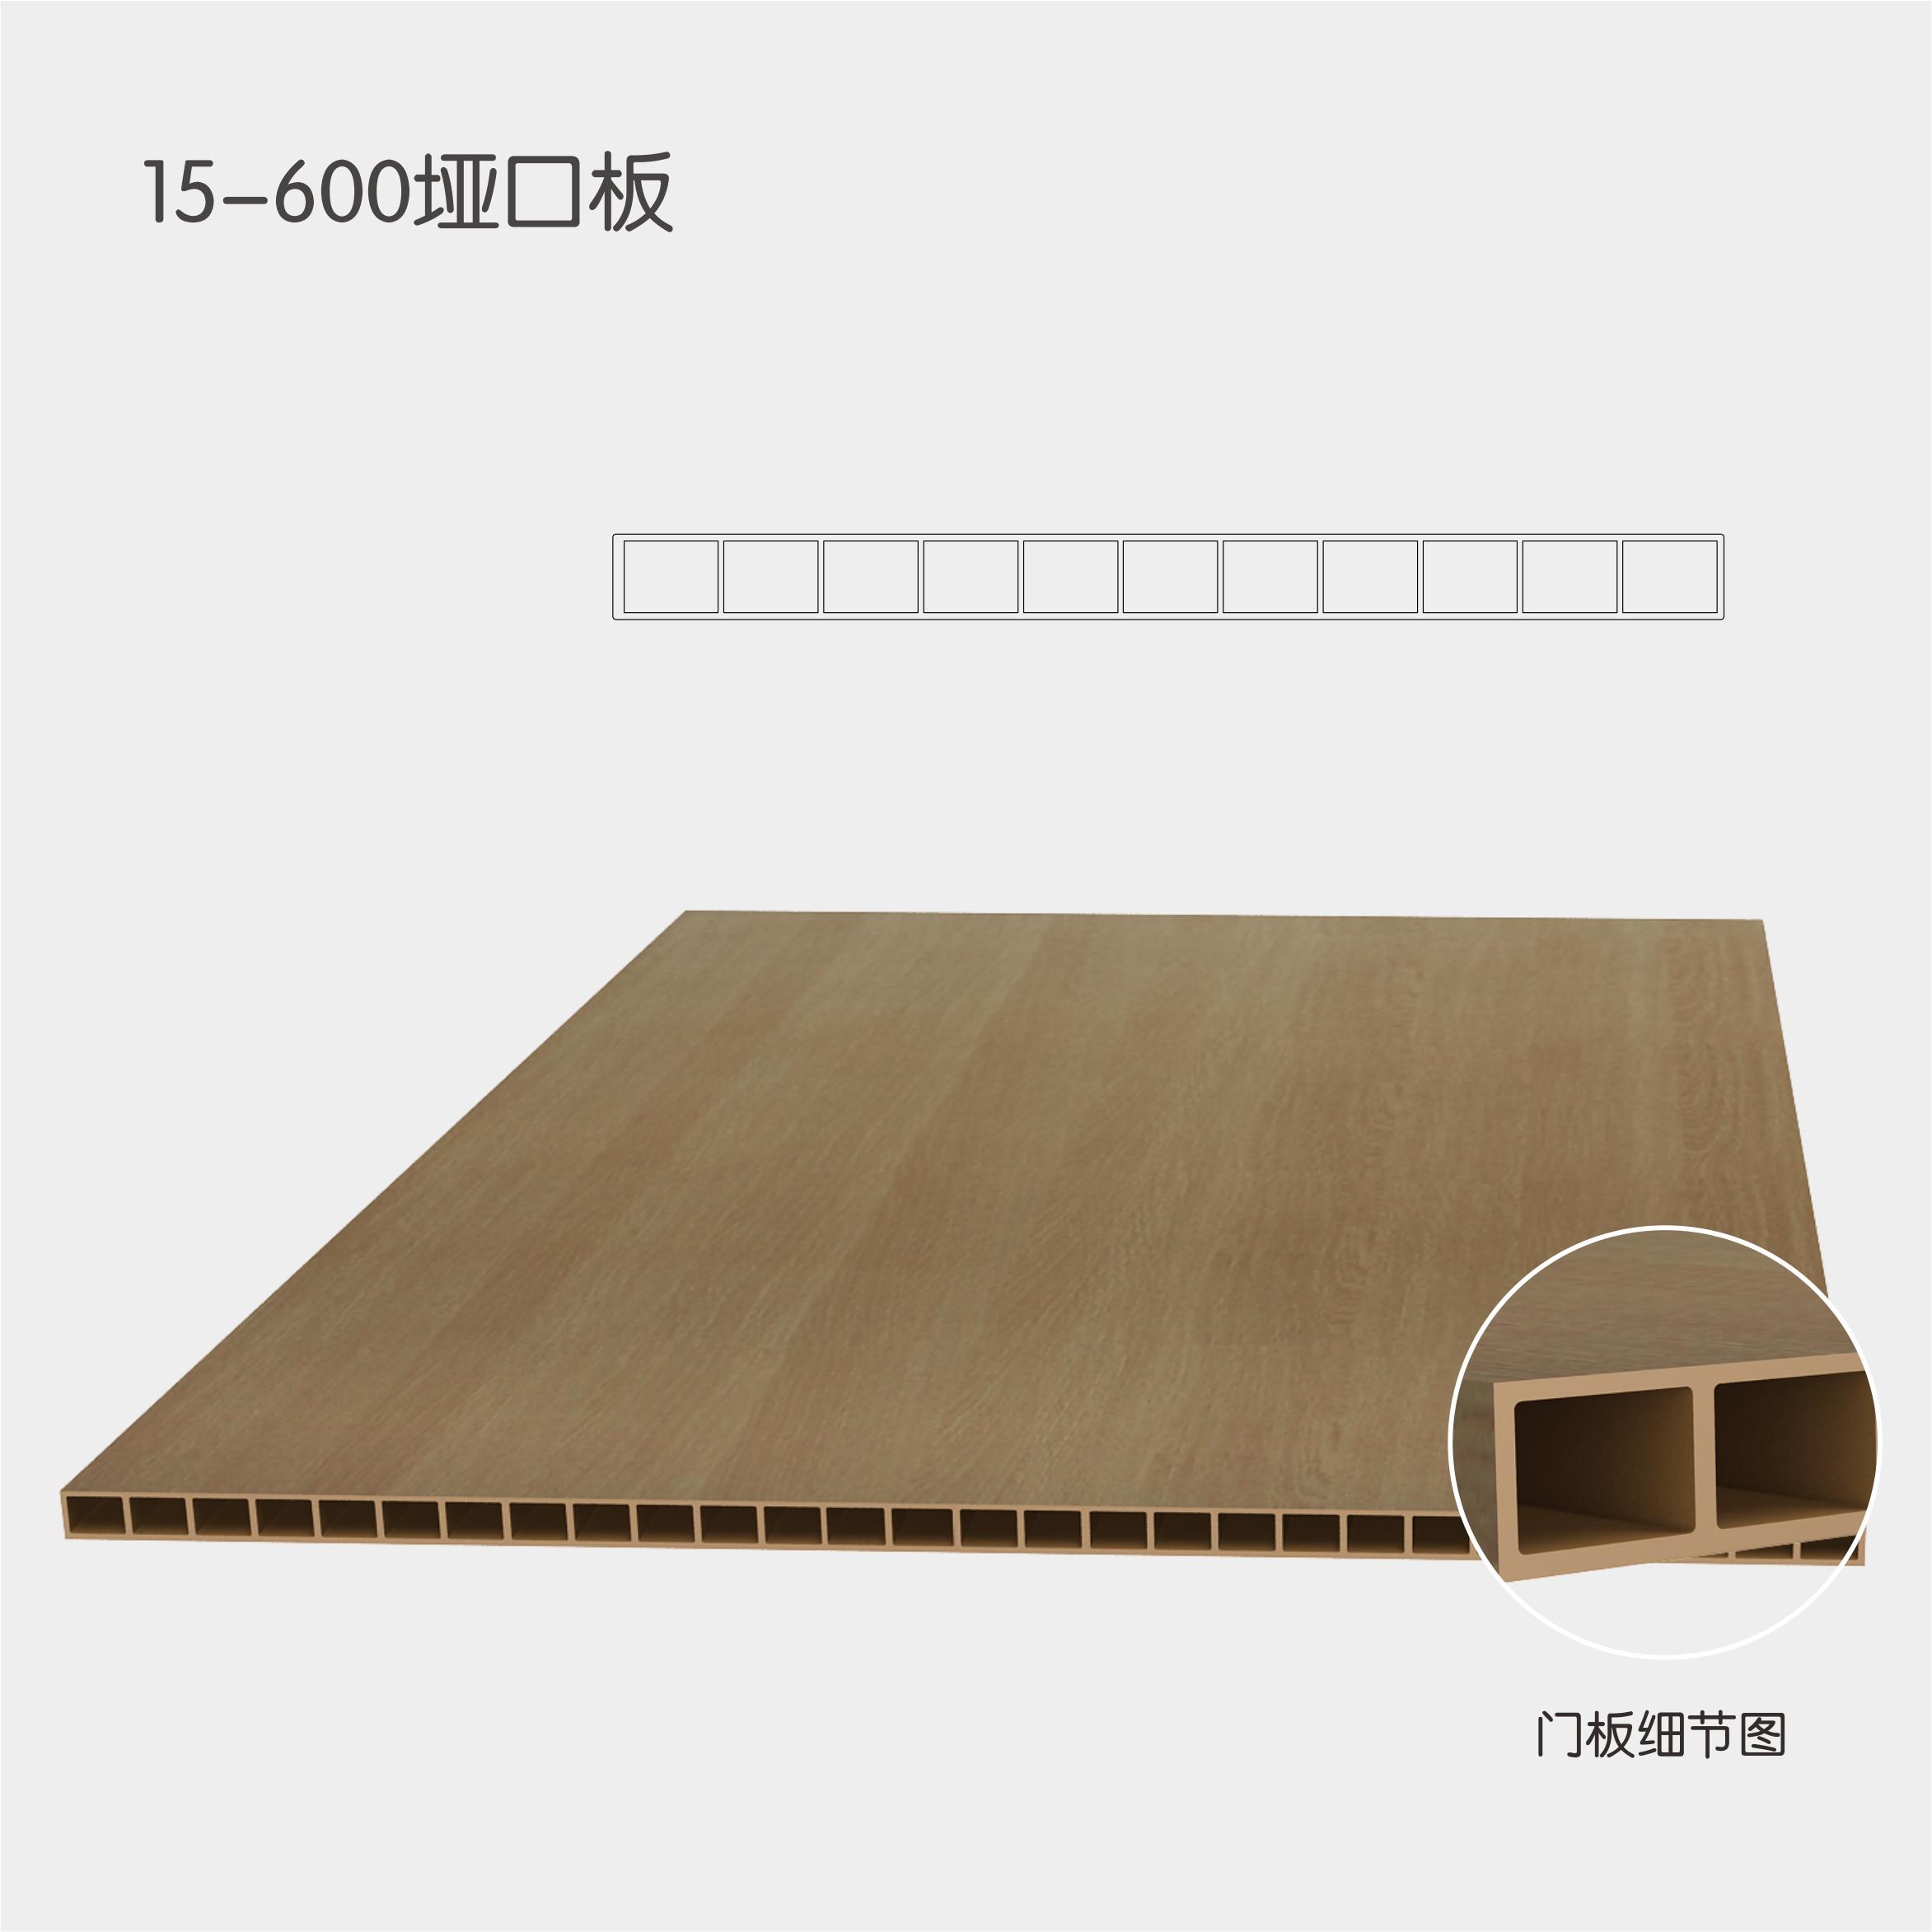 15-600門板